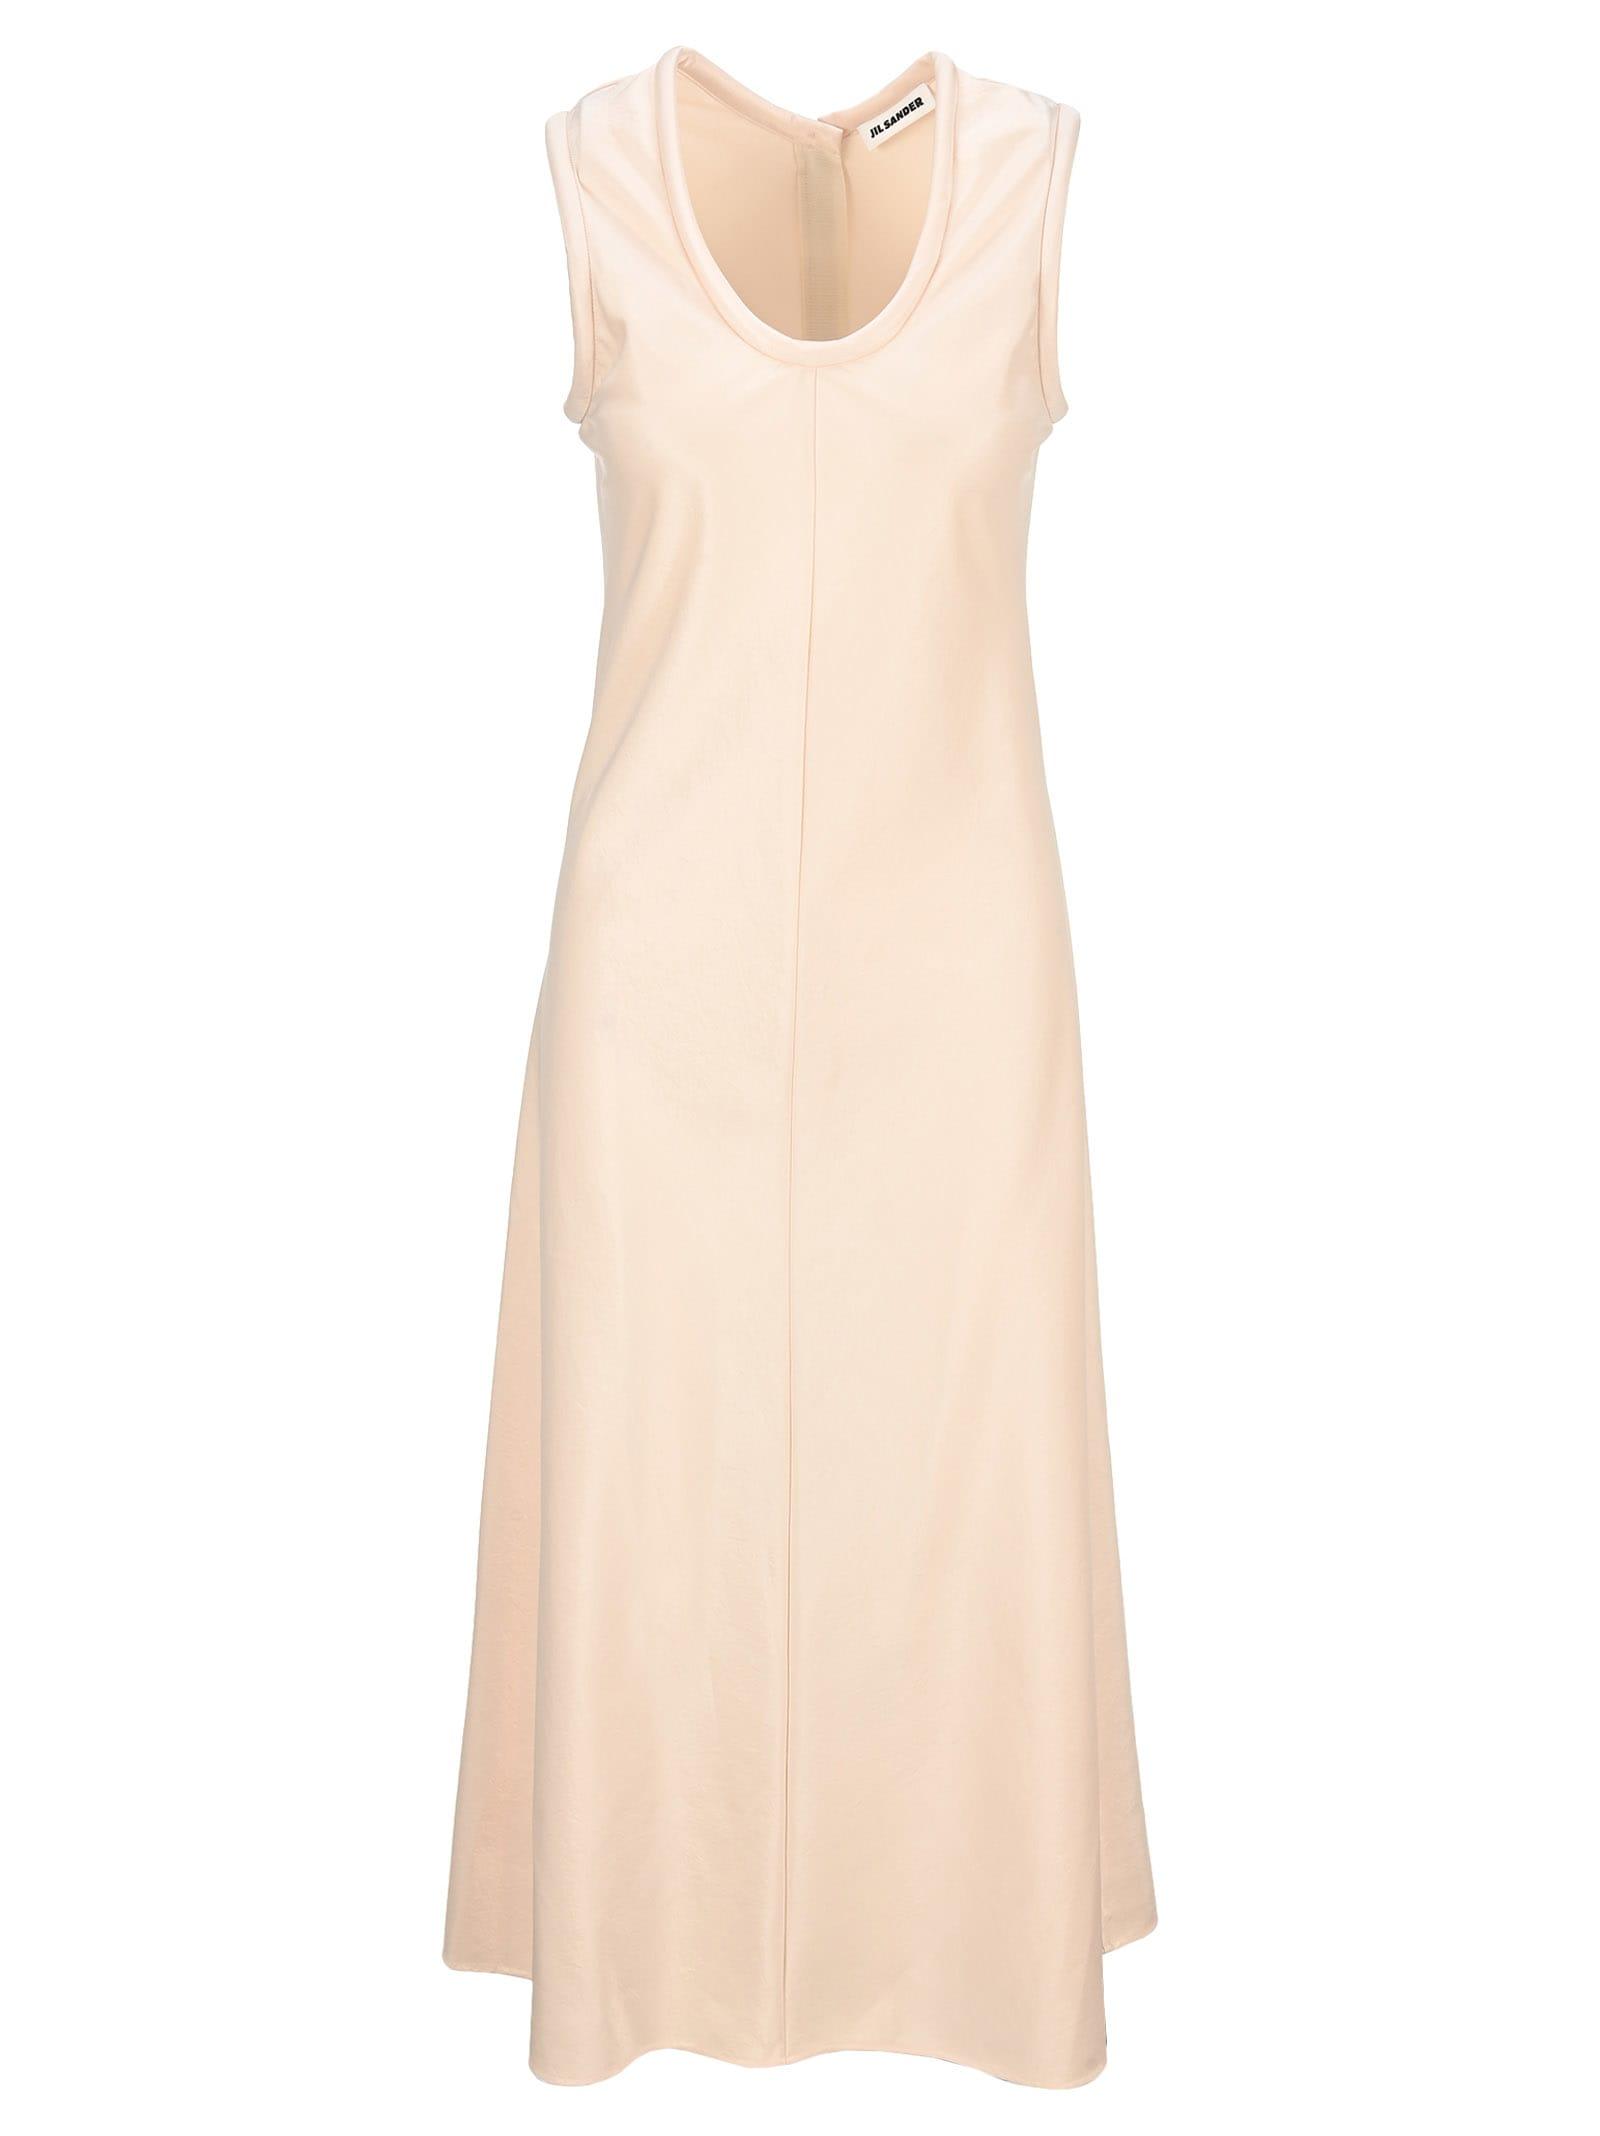 Buy Jil Sander Scoop Neck Flared Dress online, shop Jil Sander with free shipping